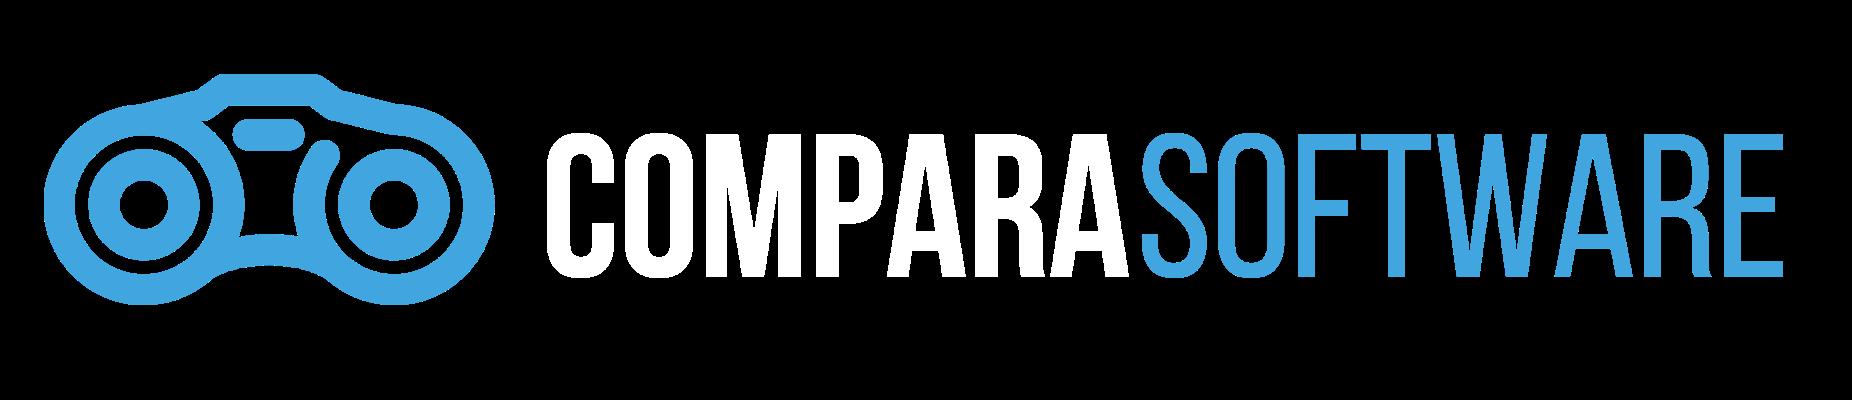 COMPARASOFTWARE